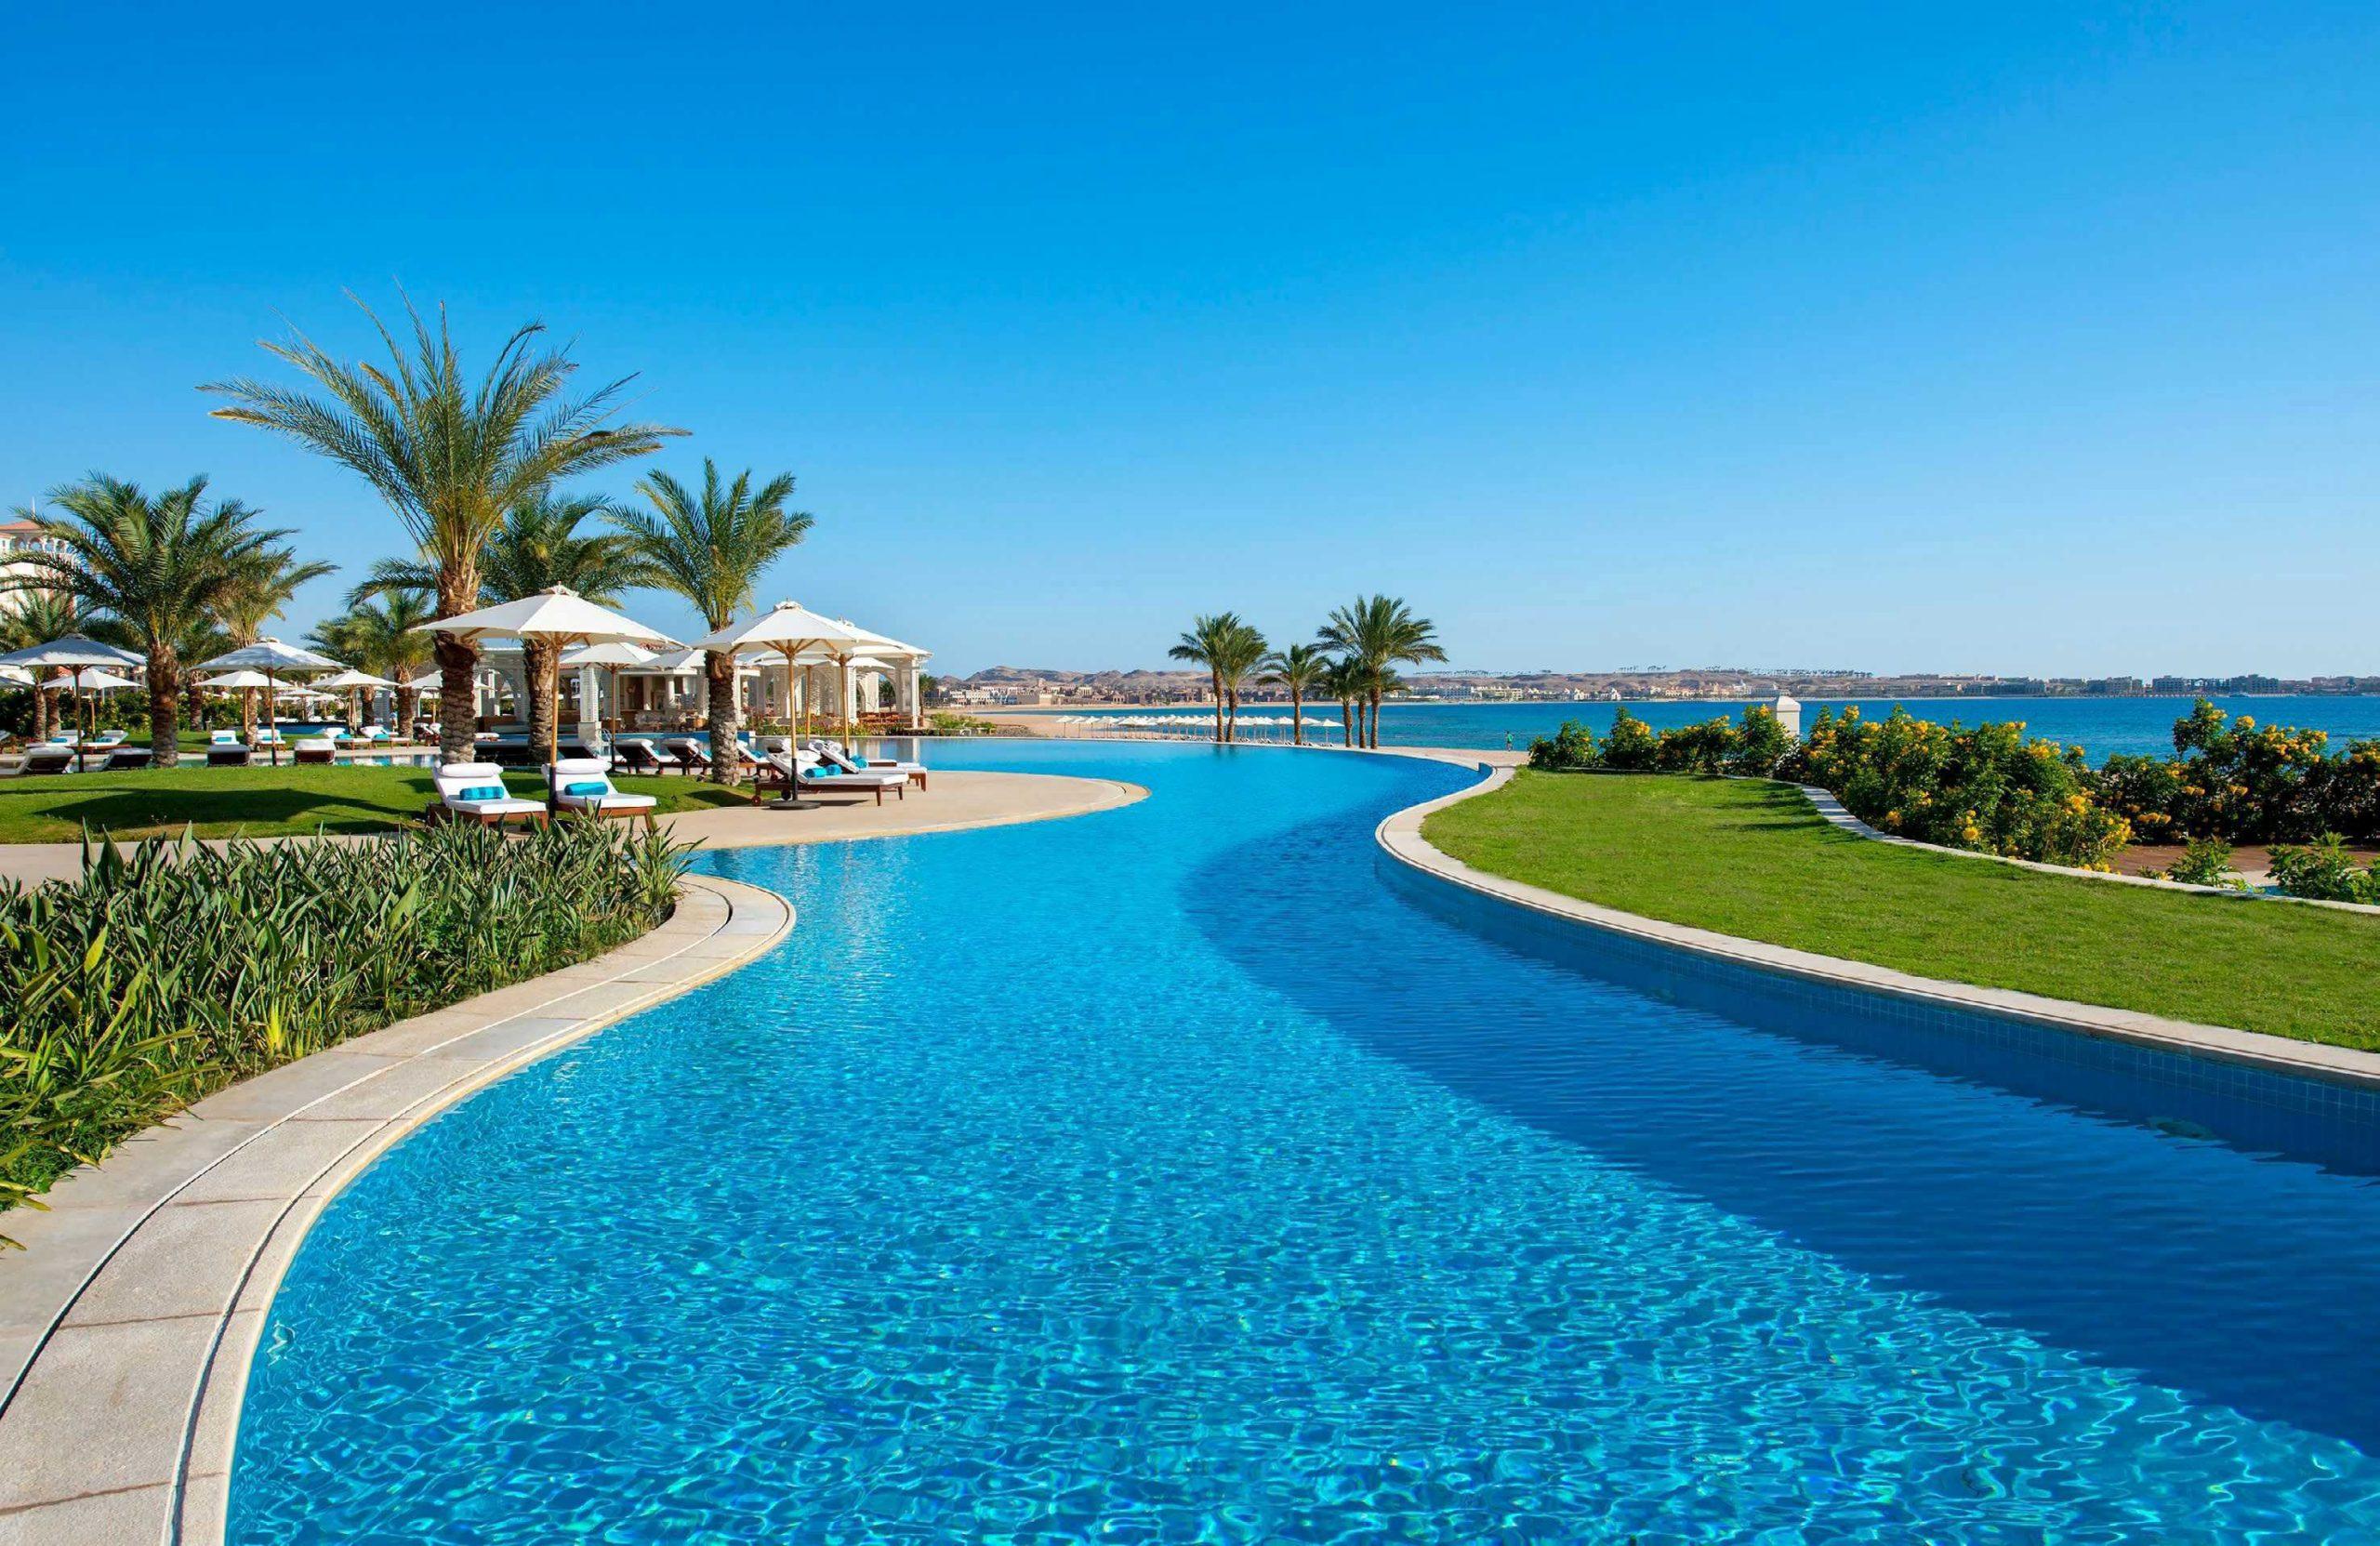 TUI begynder fra starten af oktober igen at betjene Hurghada i Egypten. Det er første gang, TUI i Danmark igen har charterfly til en destination uden for Europa siden starten af coronakrisen. Pressefoto TUI Danmark.